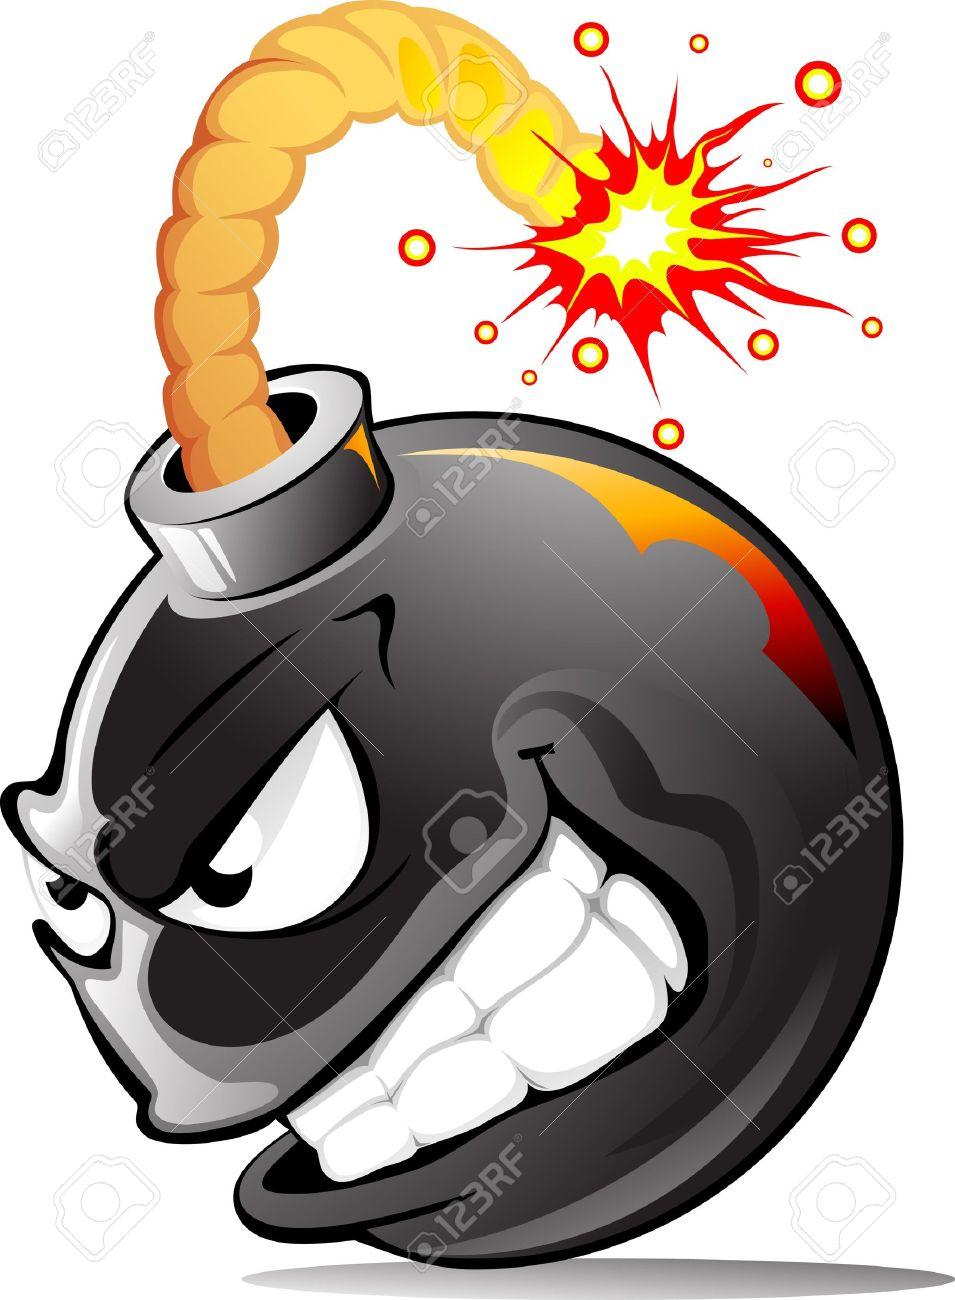 Very evil cartoon bomb ready to explode! - 9363941